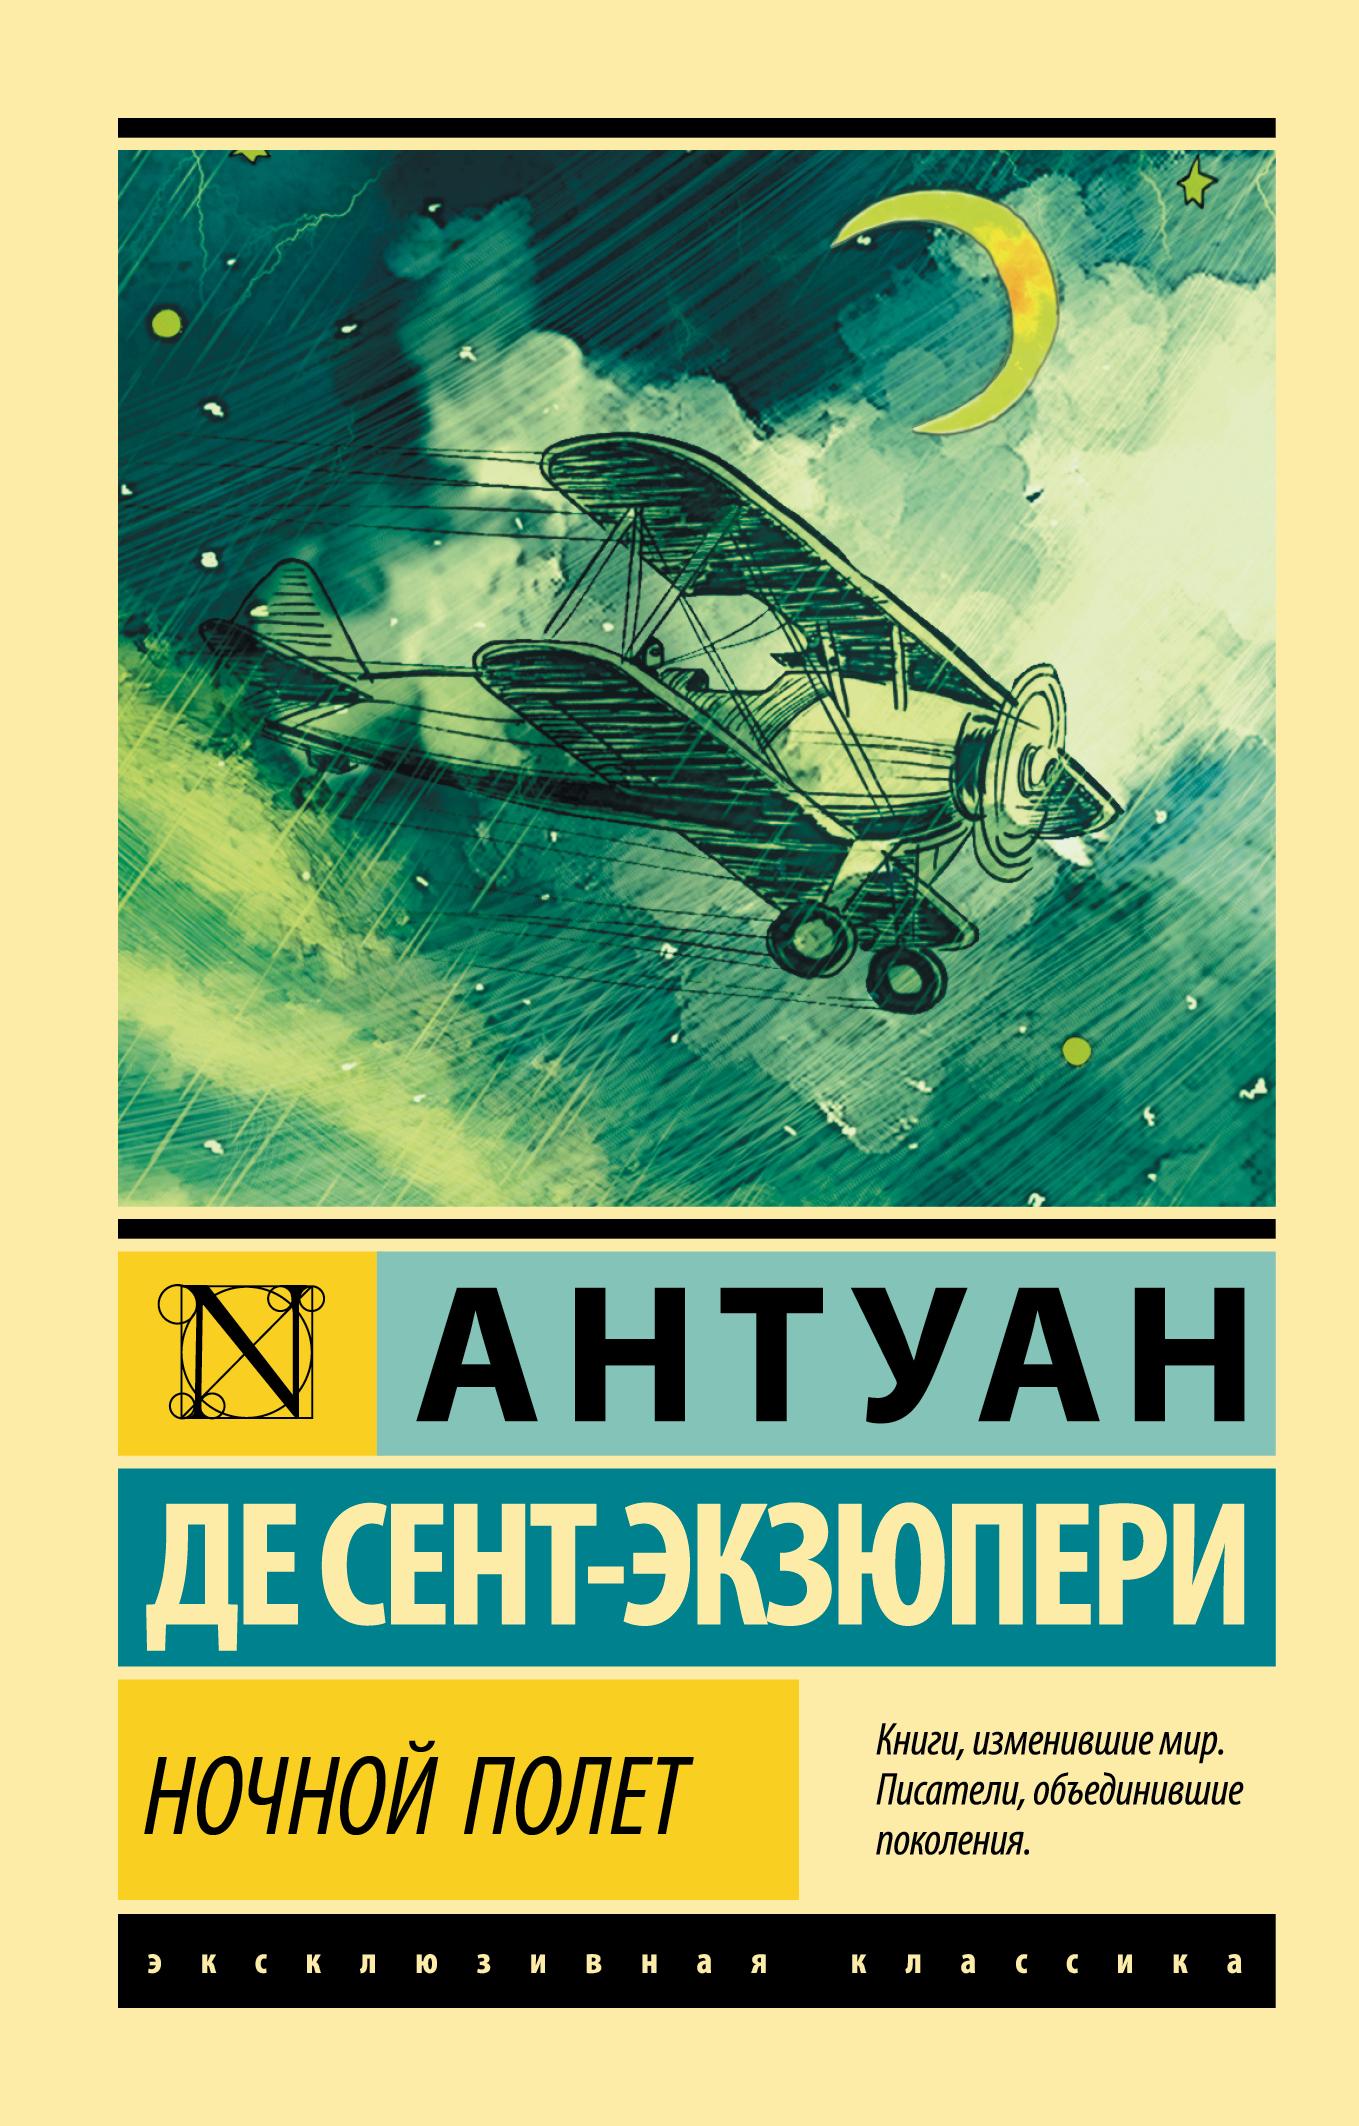 Антуан де Сент-Экзюпери Ночной полет анисимова т французский с антуаном де сент экзюпери ночной полет